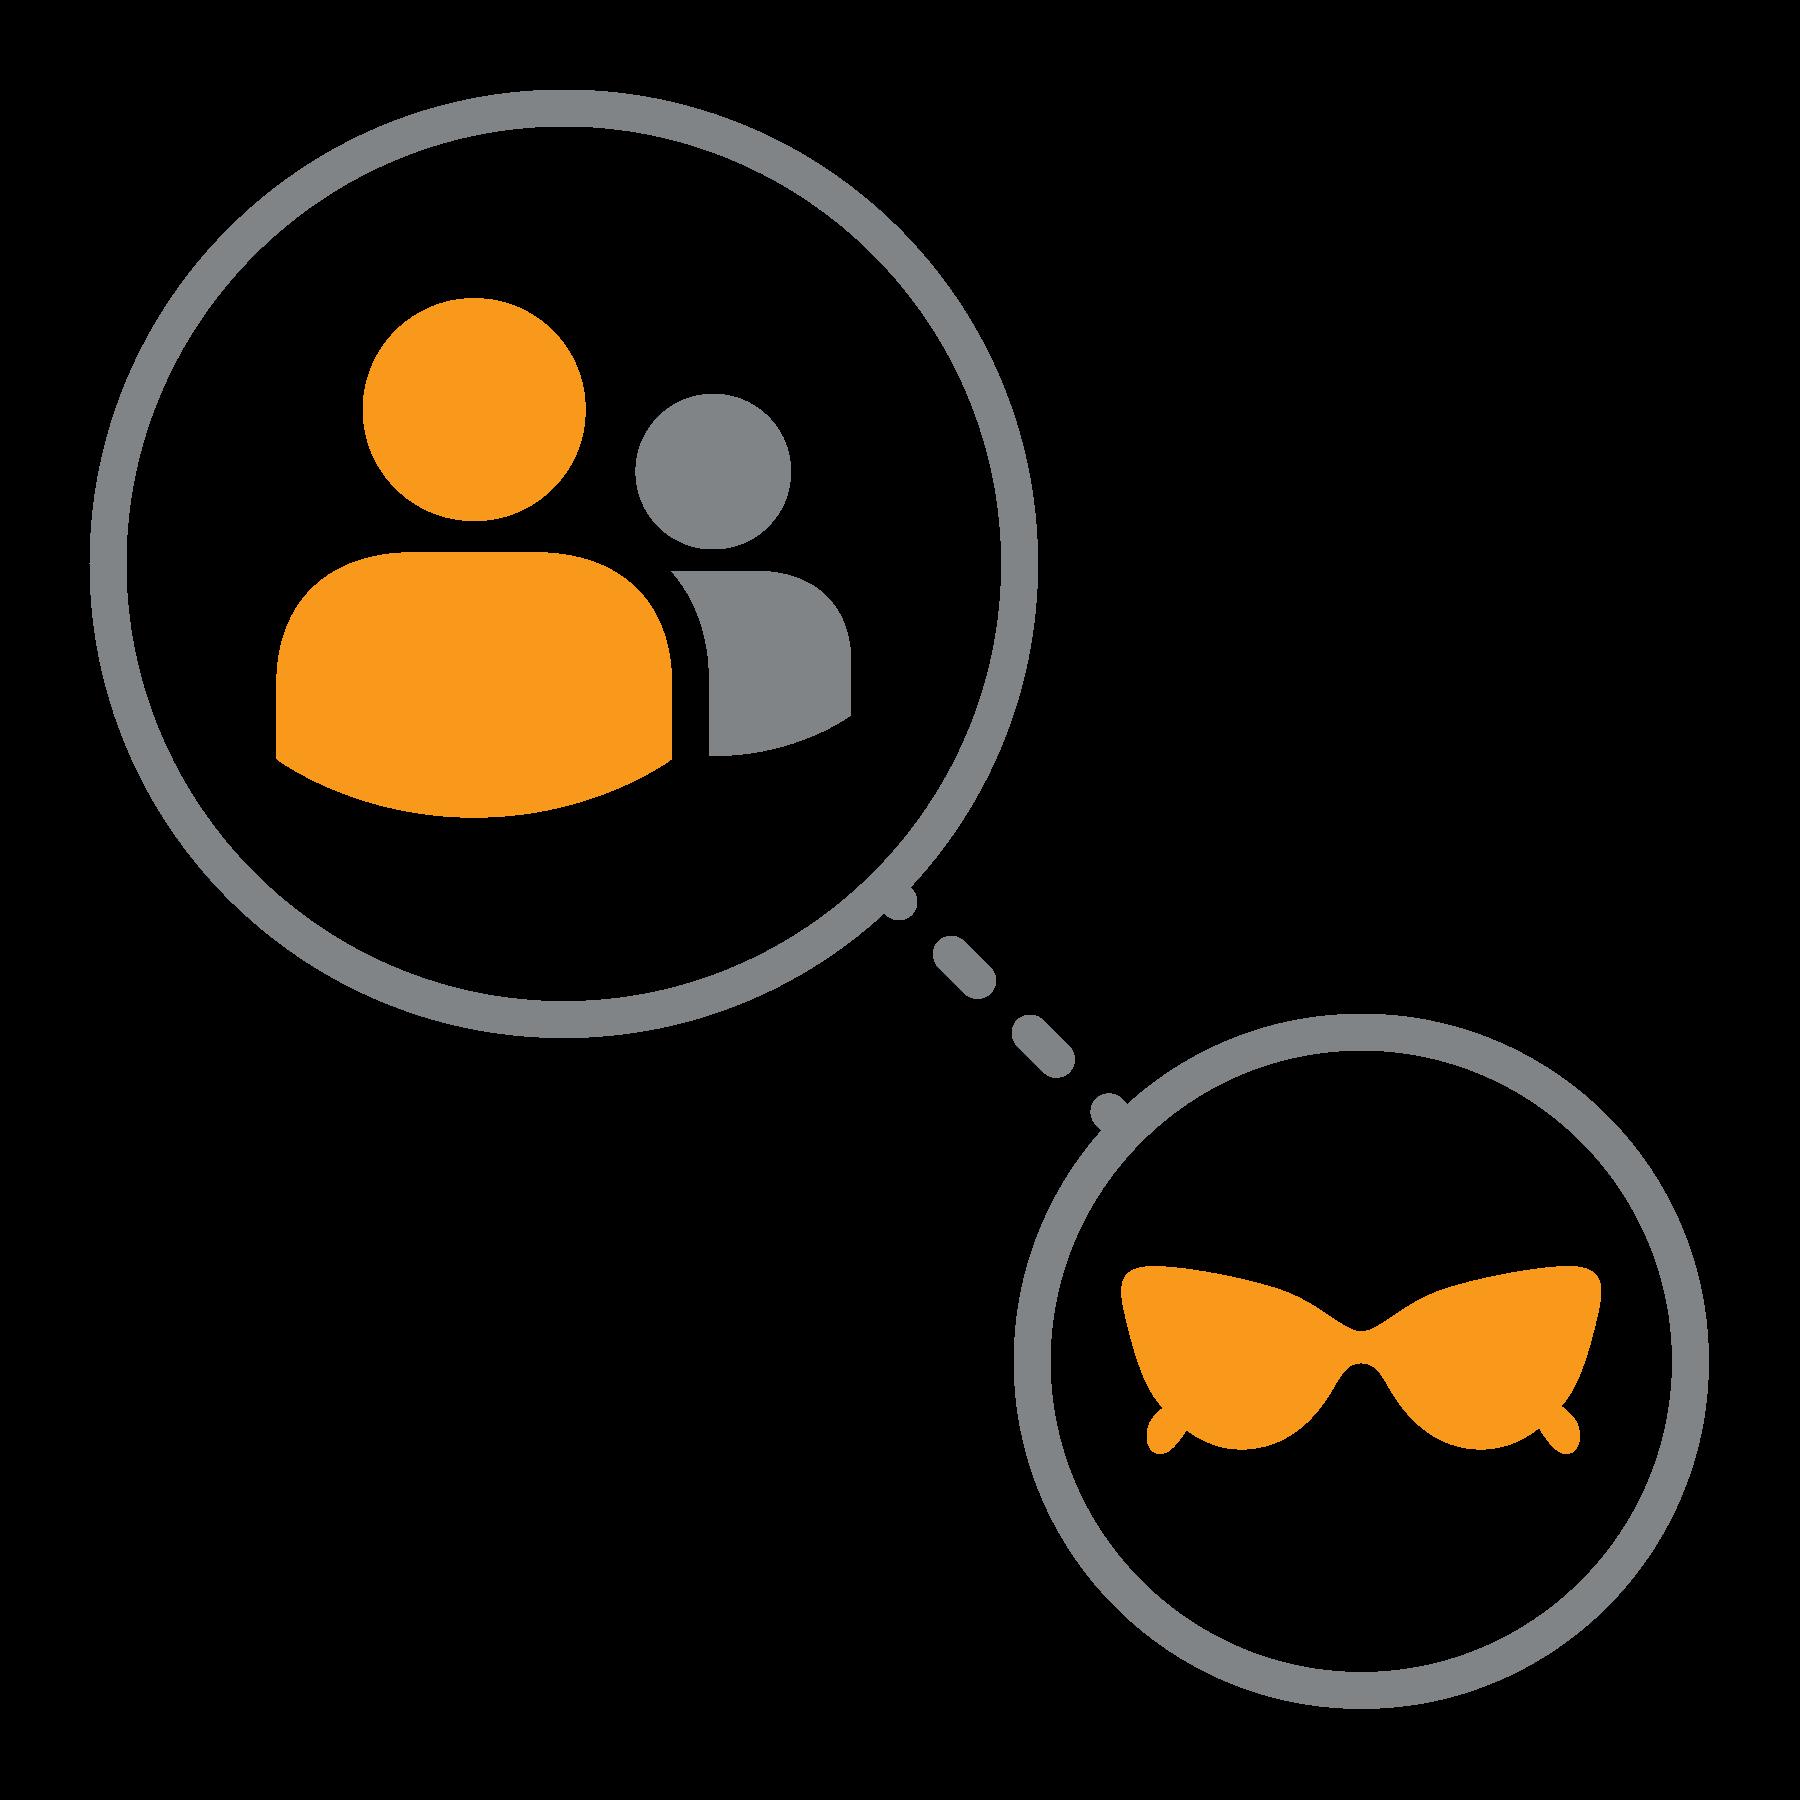 Linea tratteggiata che collega utenti e occhiali da sole